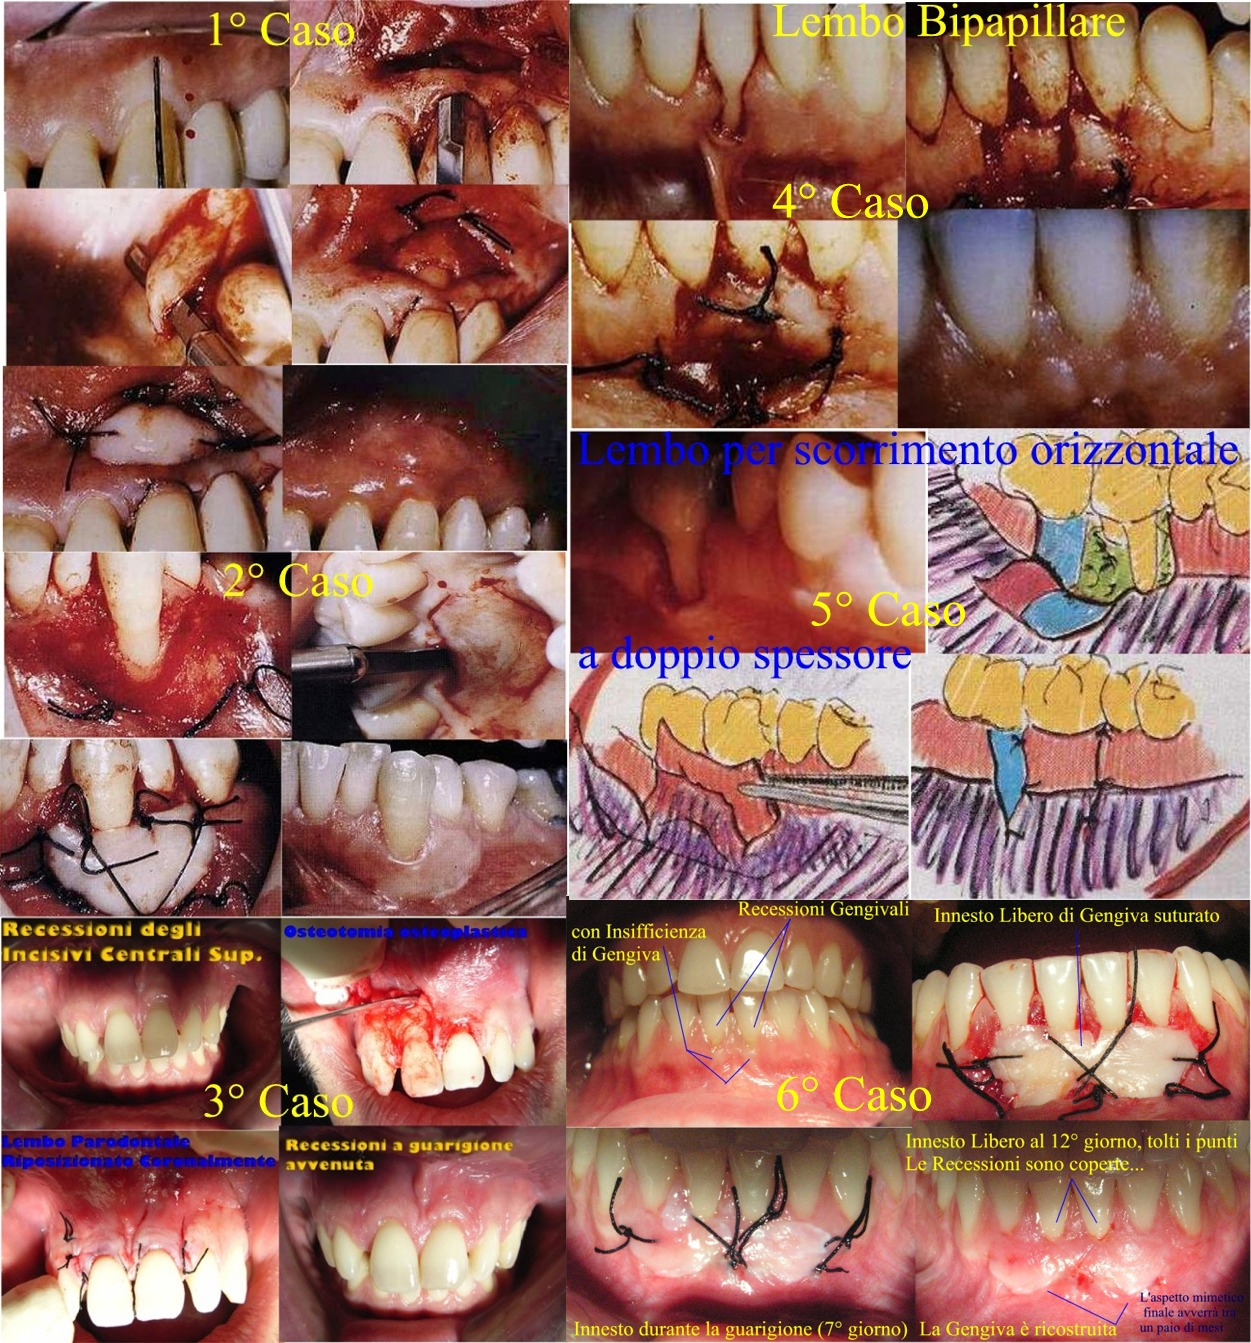 Recessioni Gengivali. Alcuni tipi di terapia. Da casistica Clinica Parodontale del Dr. Gustavo Petti di Cagliari